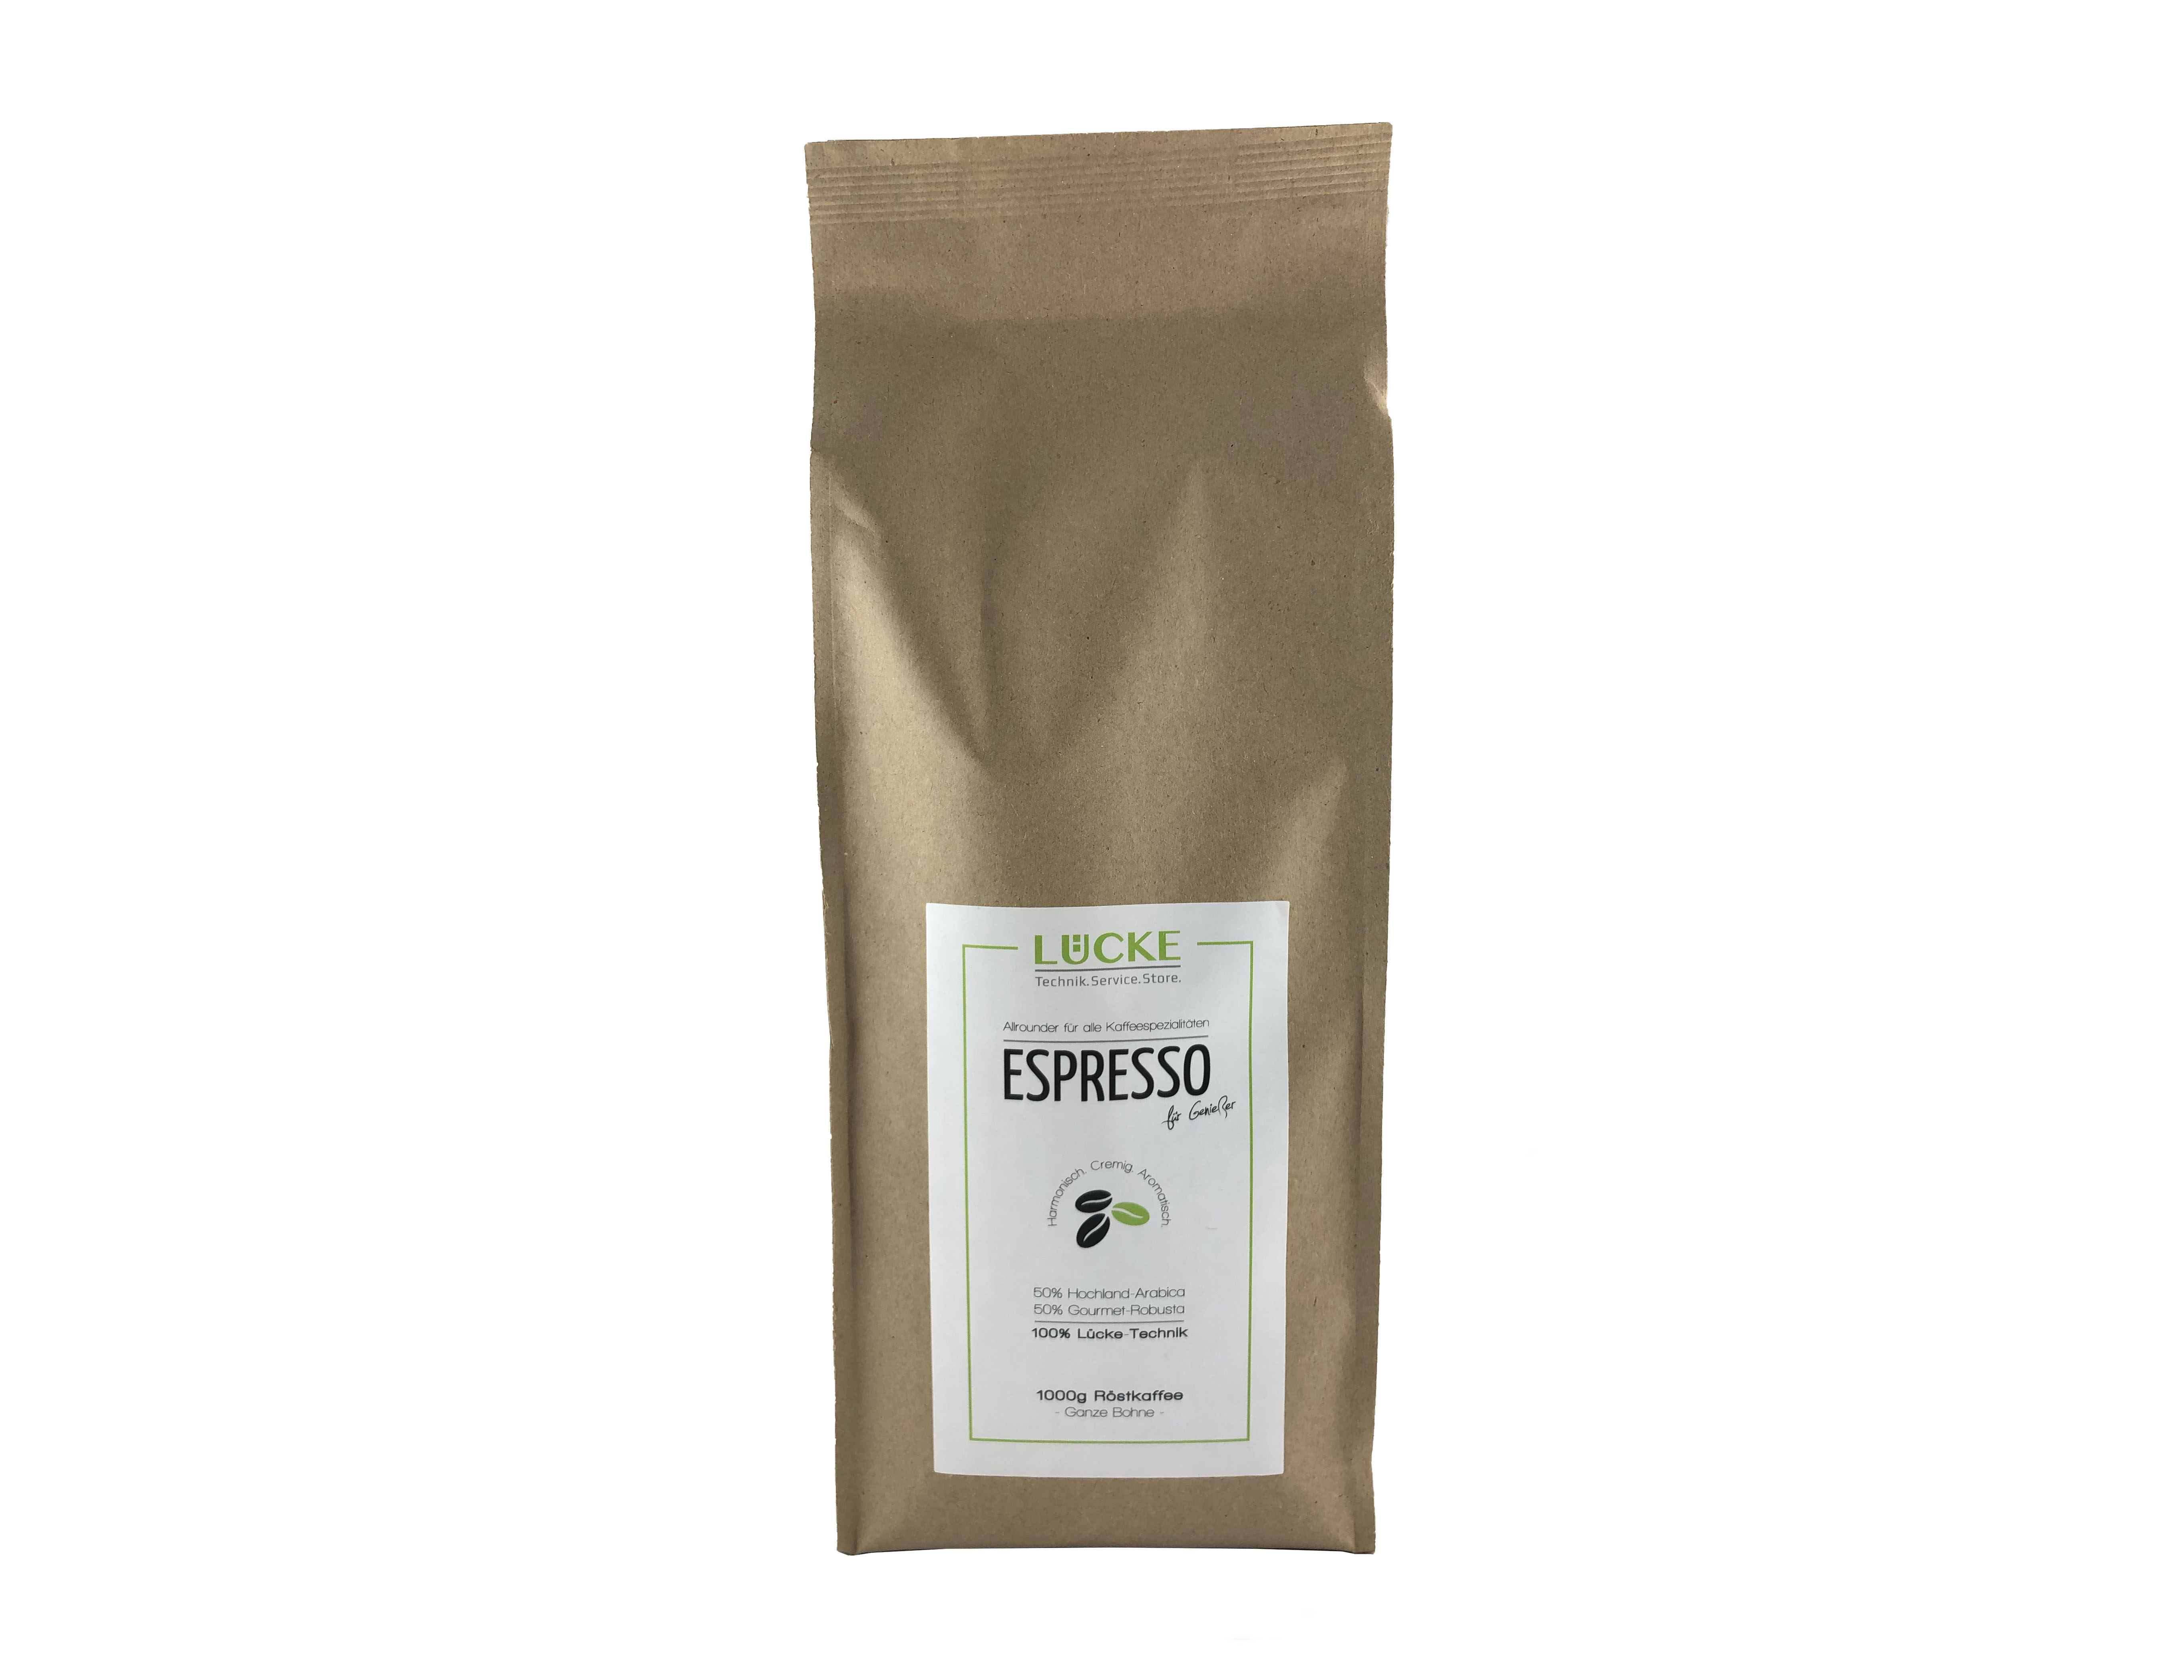 Lücke-Technik 1000g - Espresso für Genießer